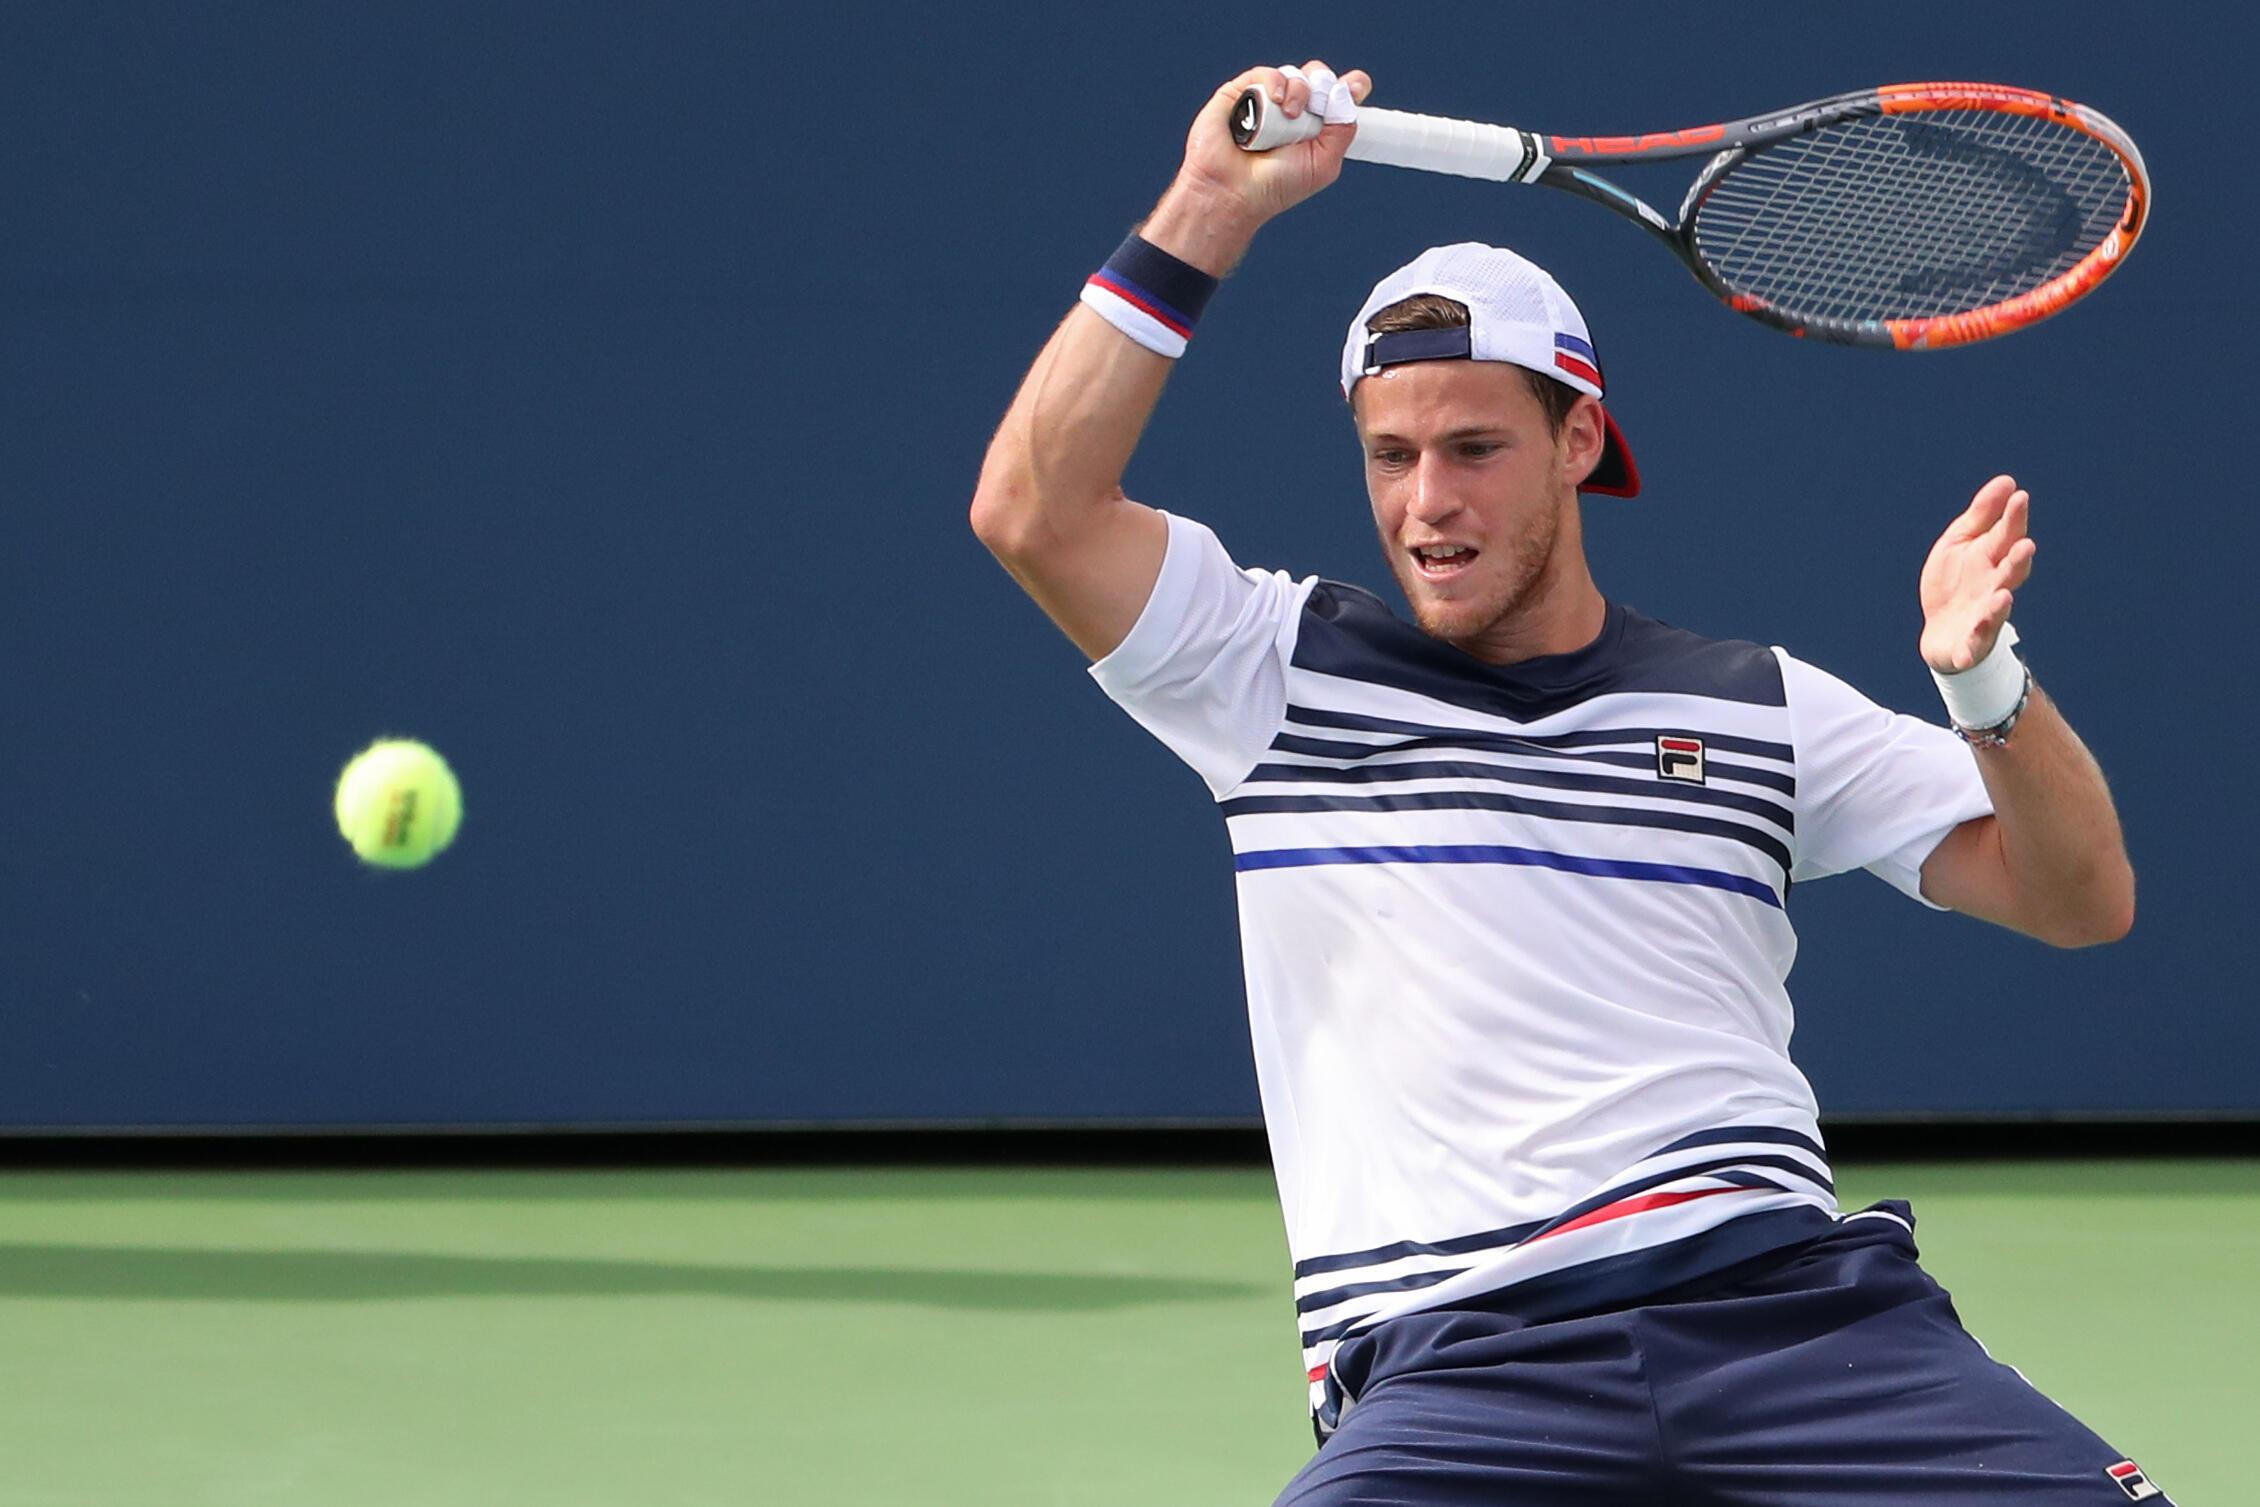 Diego Schwartzman es una de las jóvenes promesas del tenis argentino que podría llegar a la final del U.S. Open 2017.